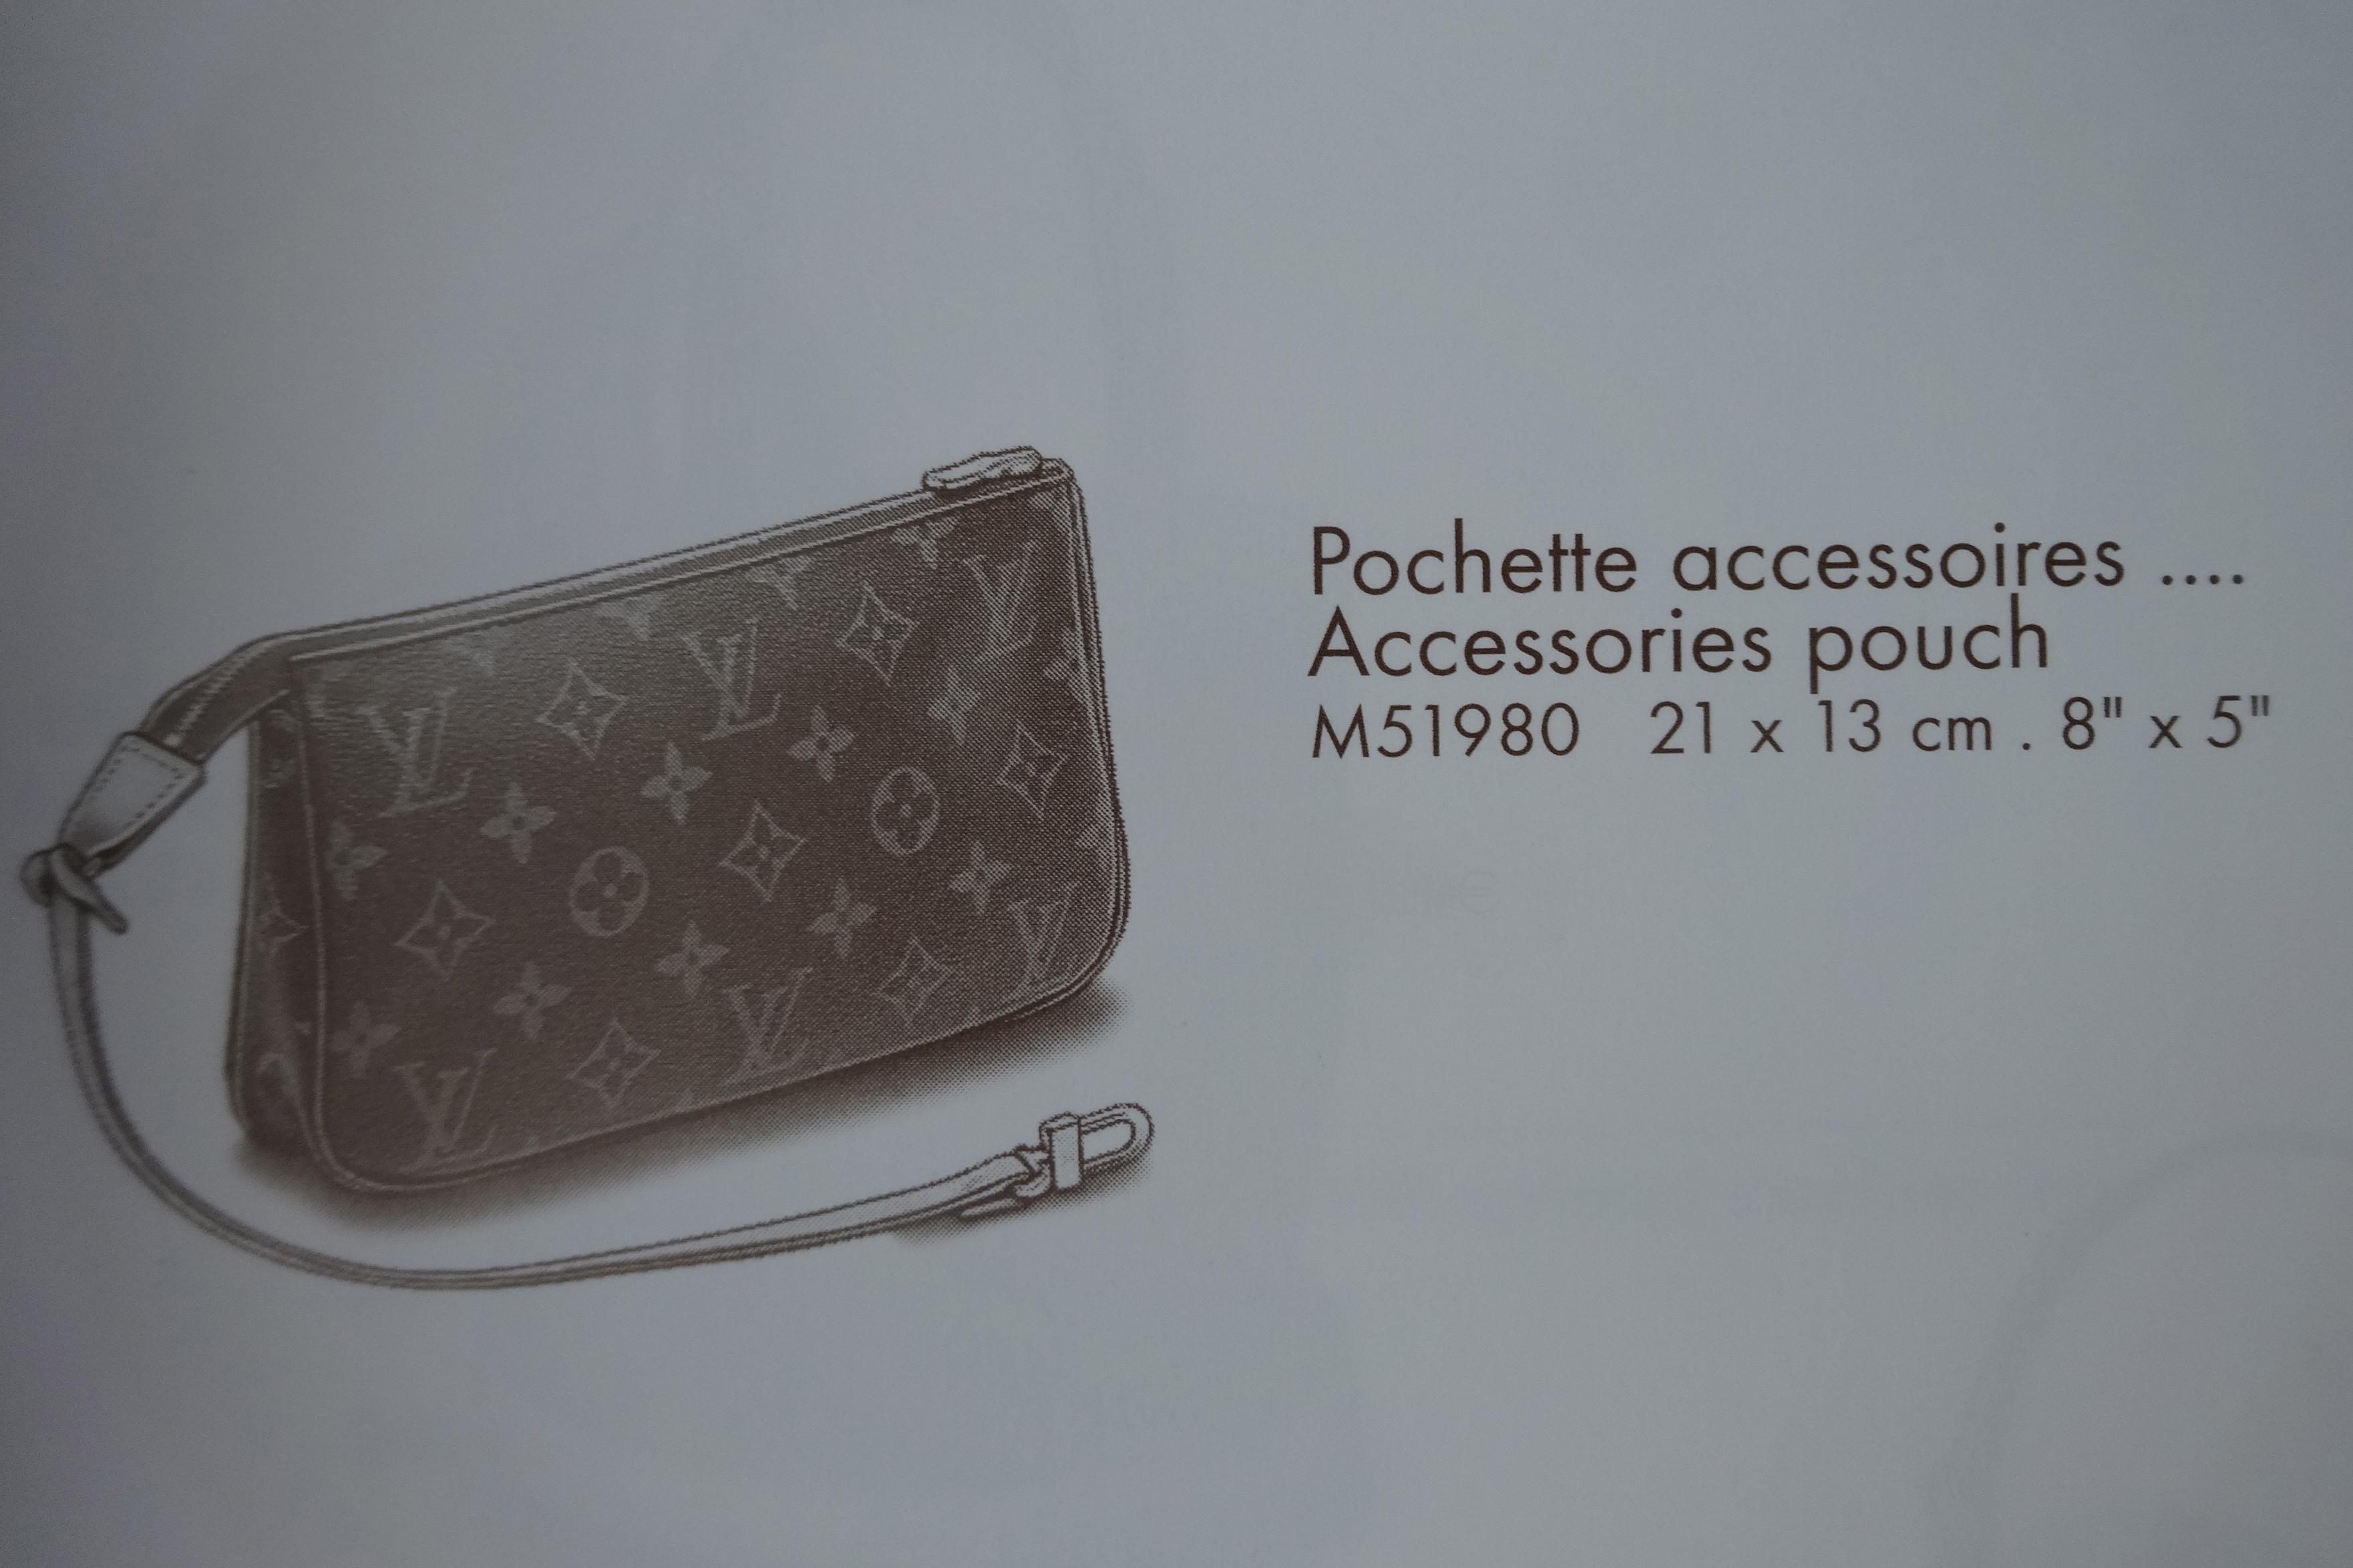 LV Pochette Accessoires, (c)  Le Catalogue, Louis Vuitton